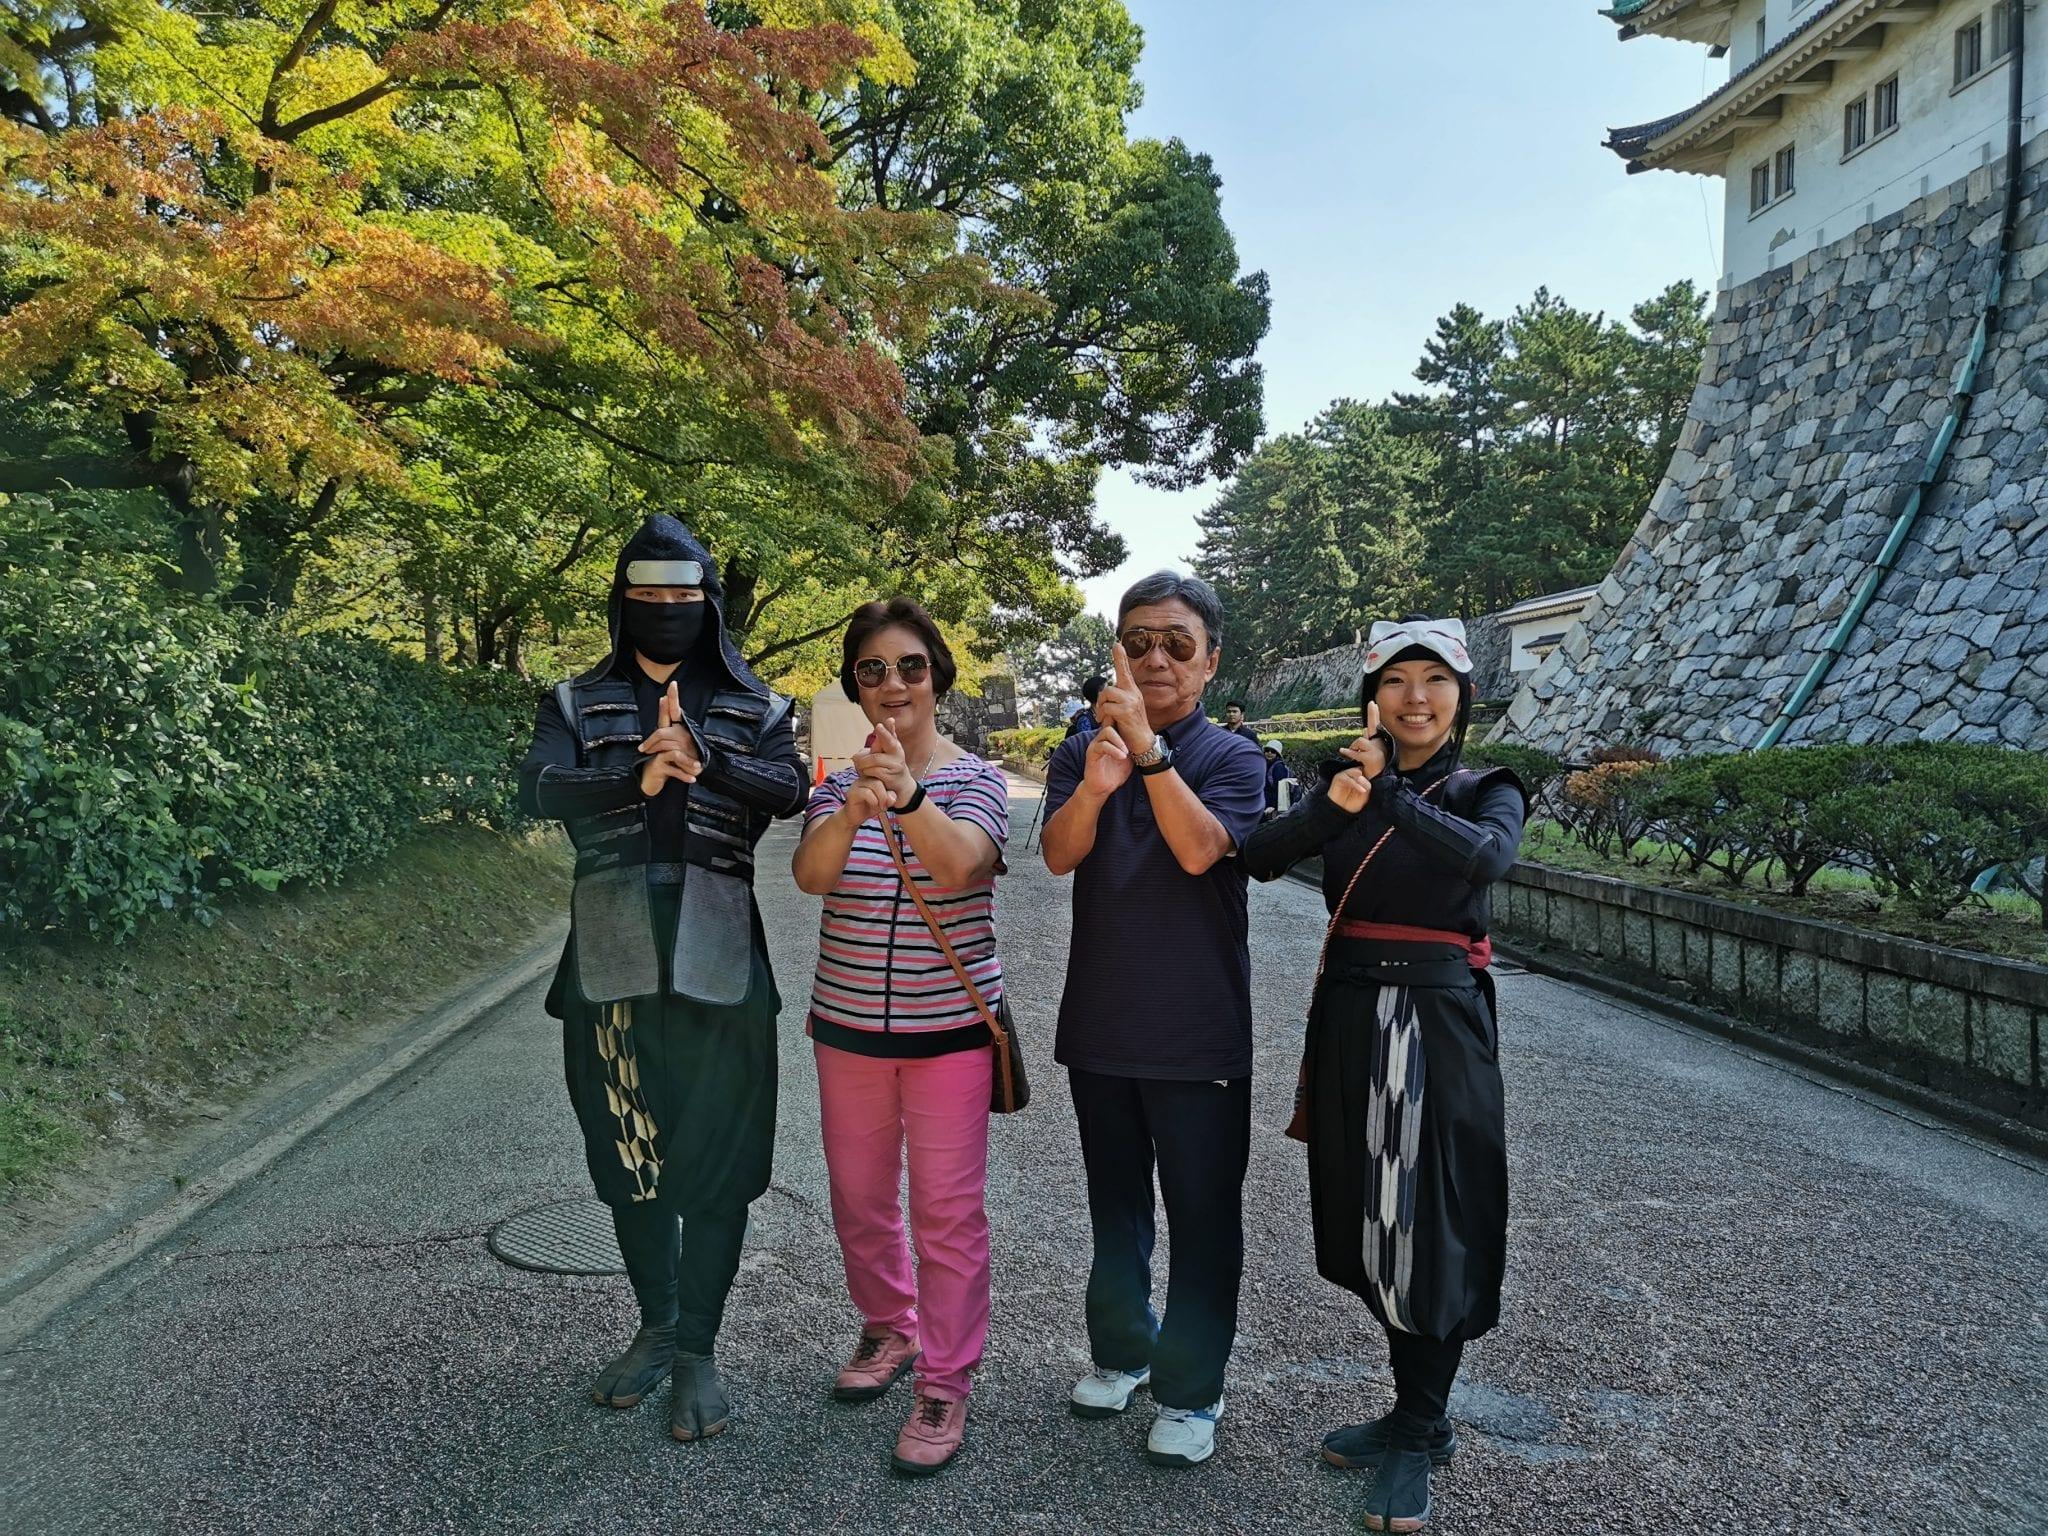 帶爸媽去旅行 日本中部家族旅遊景點懶人包